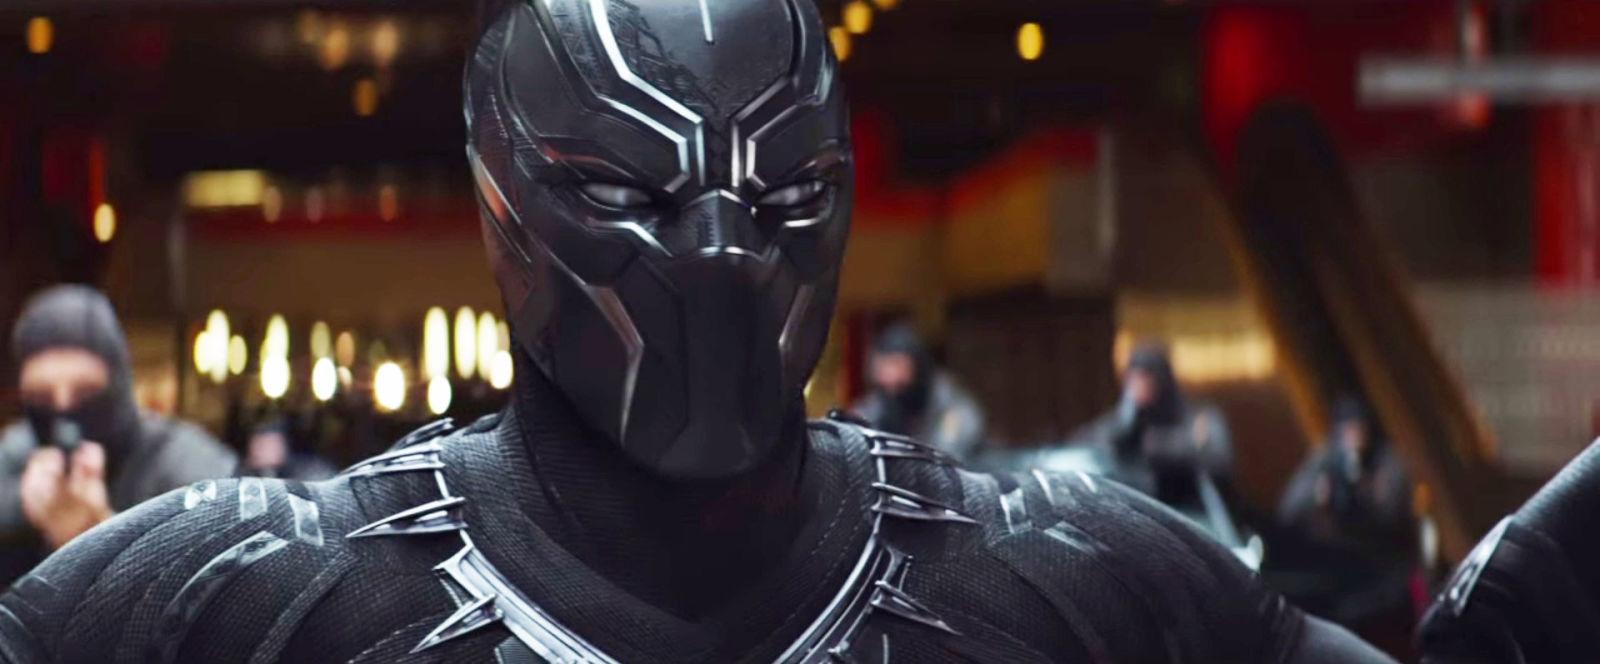 Black Panther (comics)